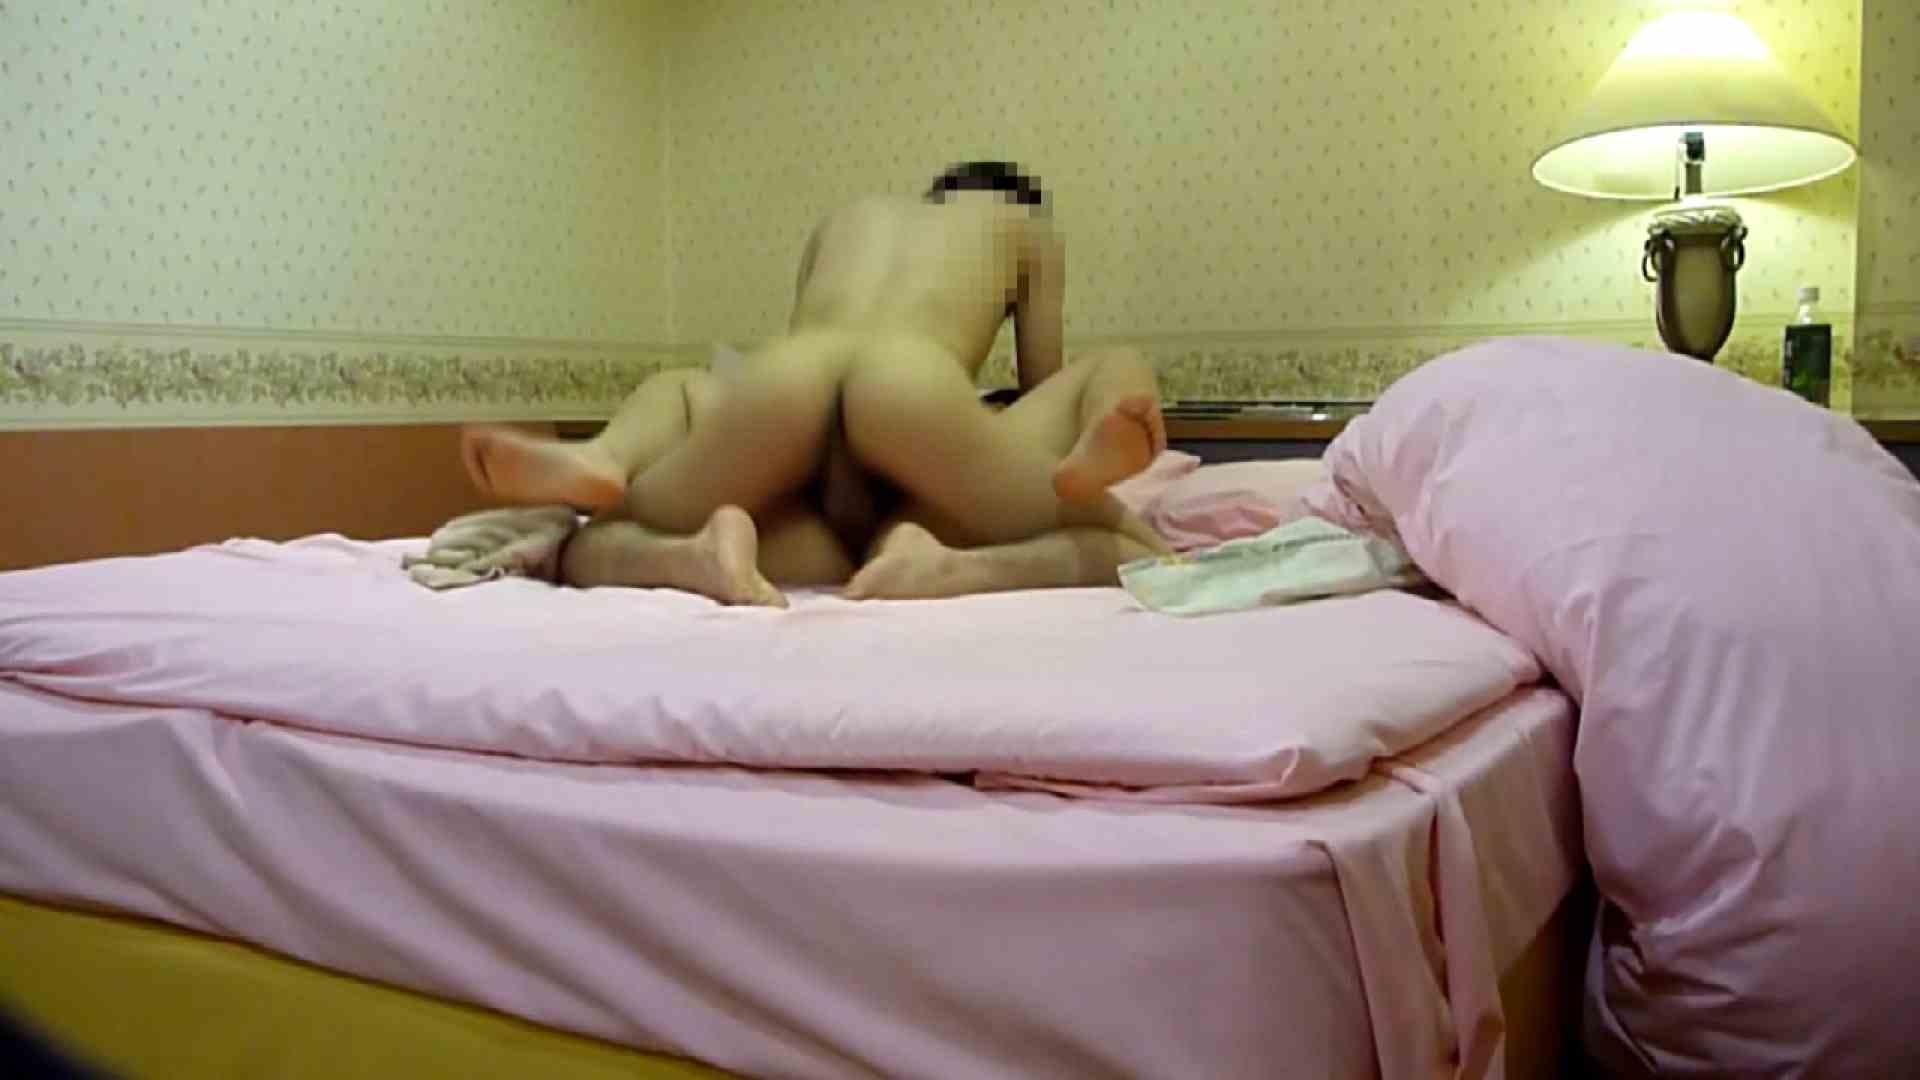 【完全素人投稿】誰にしようか!?やりチン健太の本日もデリ嬢いただきま~す!!05 投稿 セックス画像 107枚 92